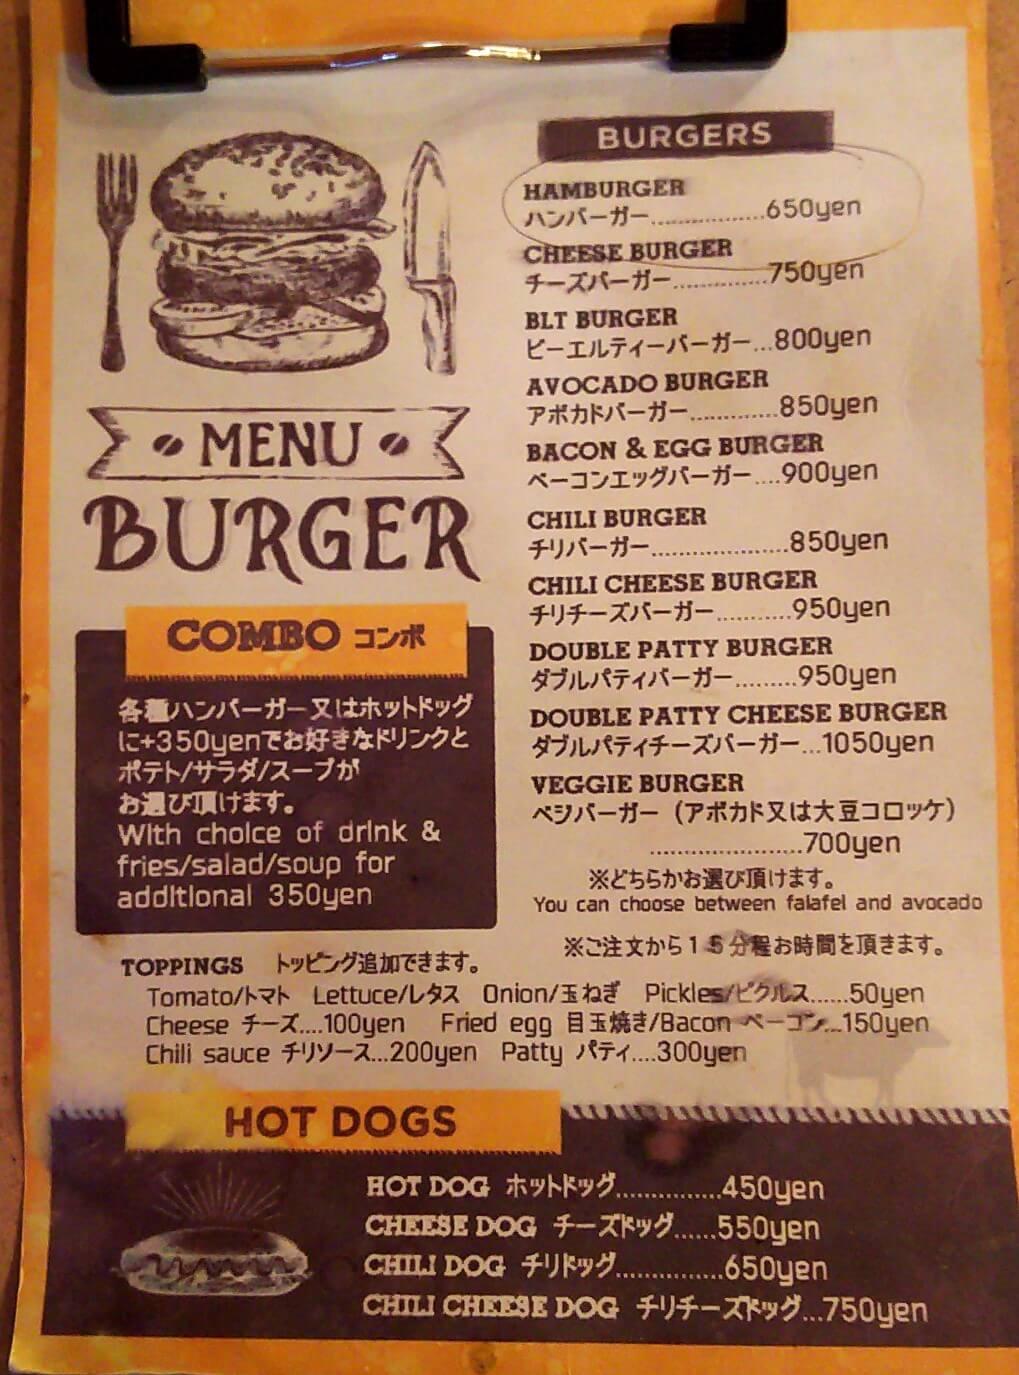 ハンバーガードッグ系の紙メニュー